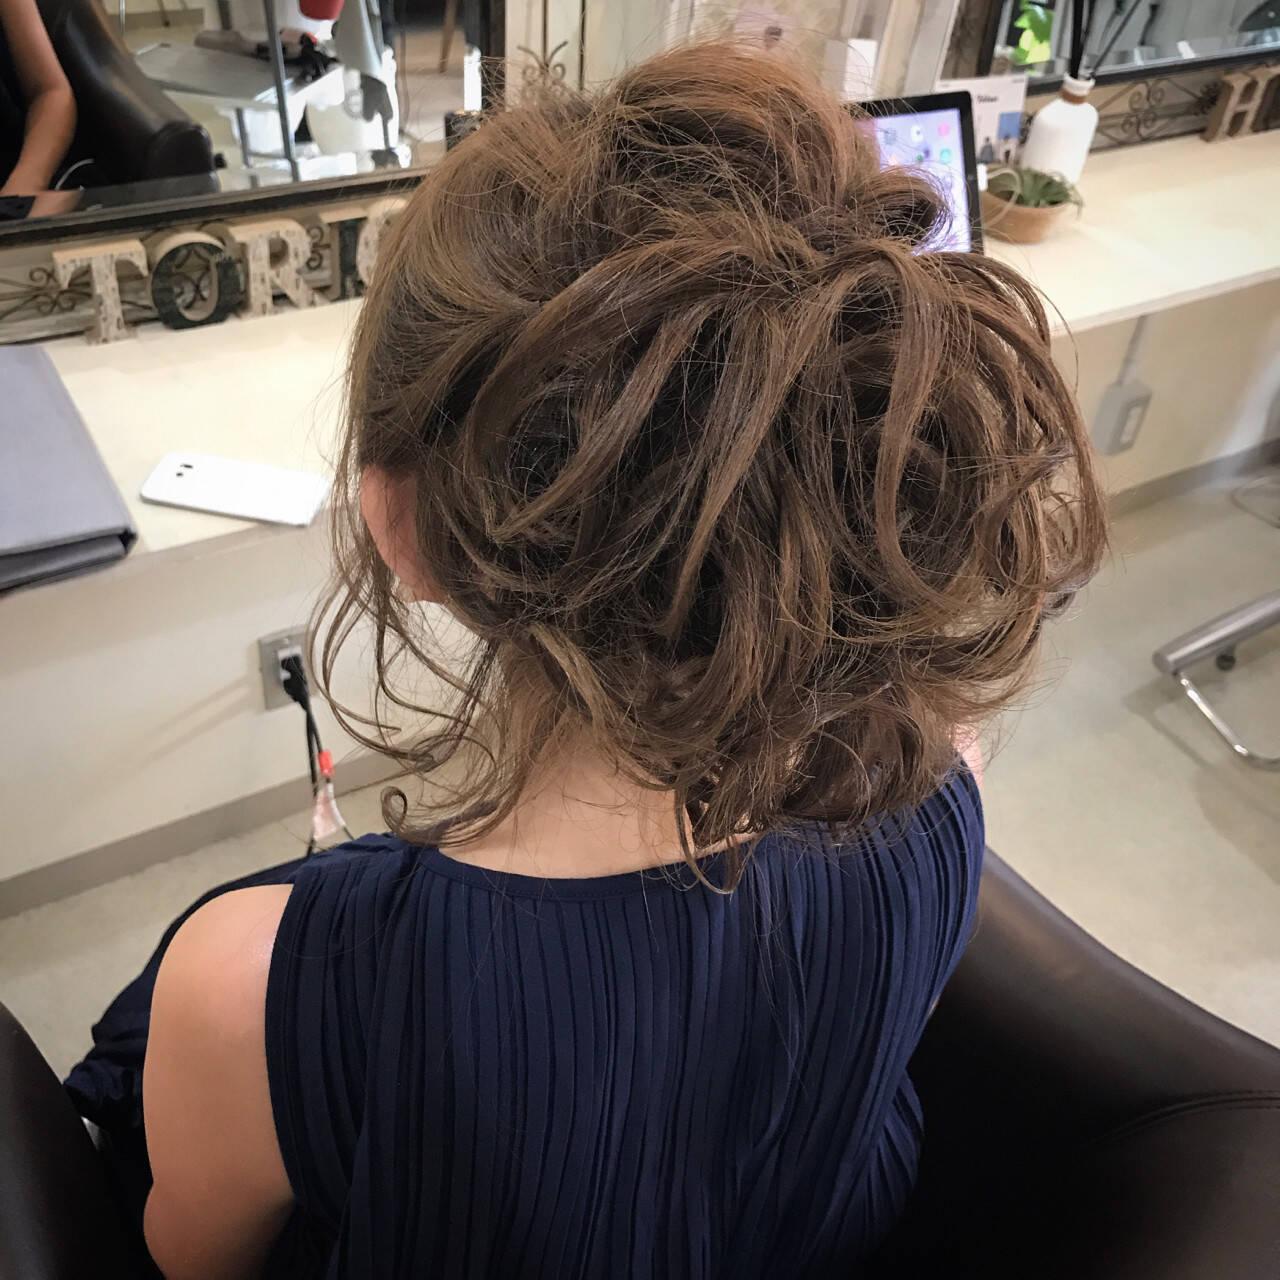 エレガント セミロング 夏 大人かわいいヘアスタイルや髪型の写真・画像